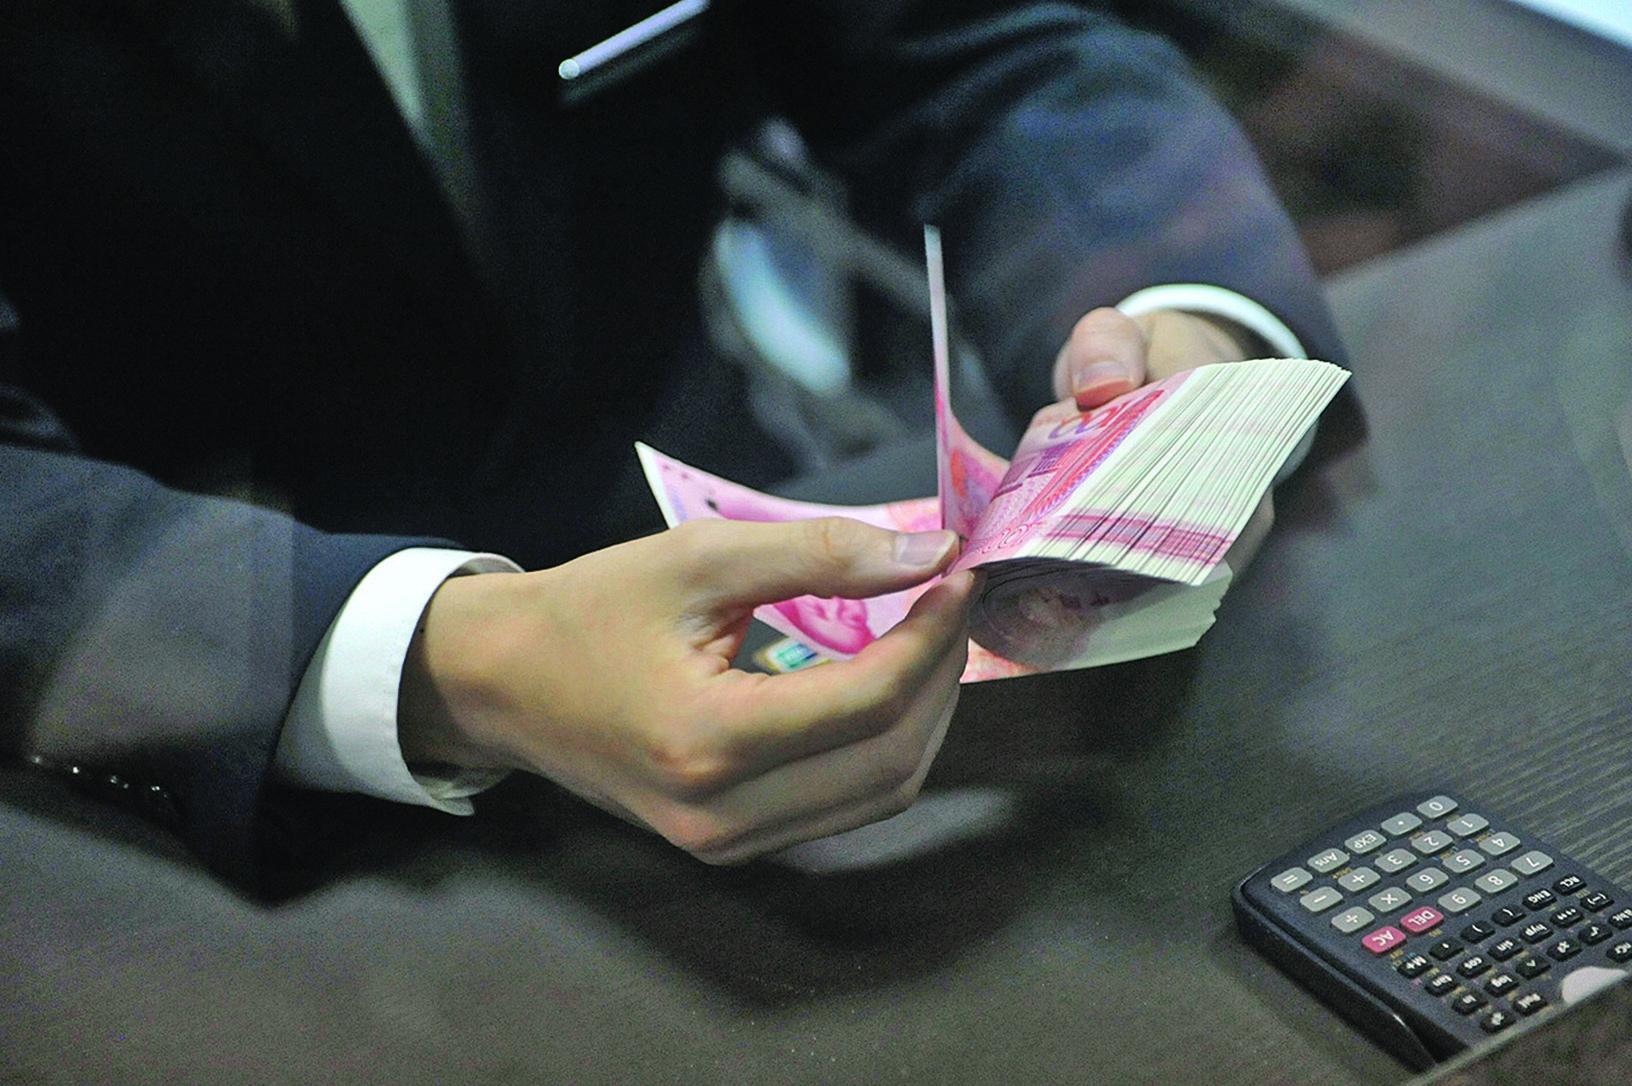 中共用開動印鈔機來應付高負債。(Getty Images)